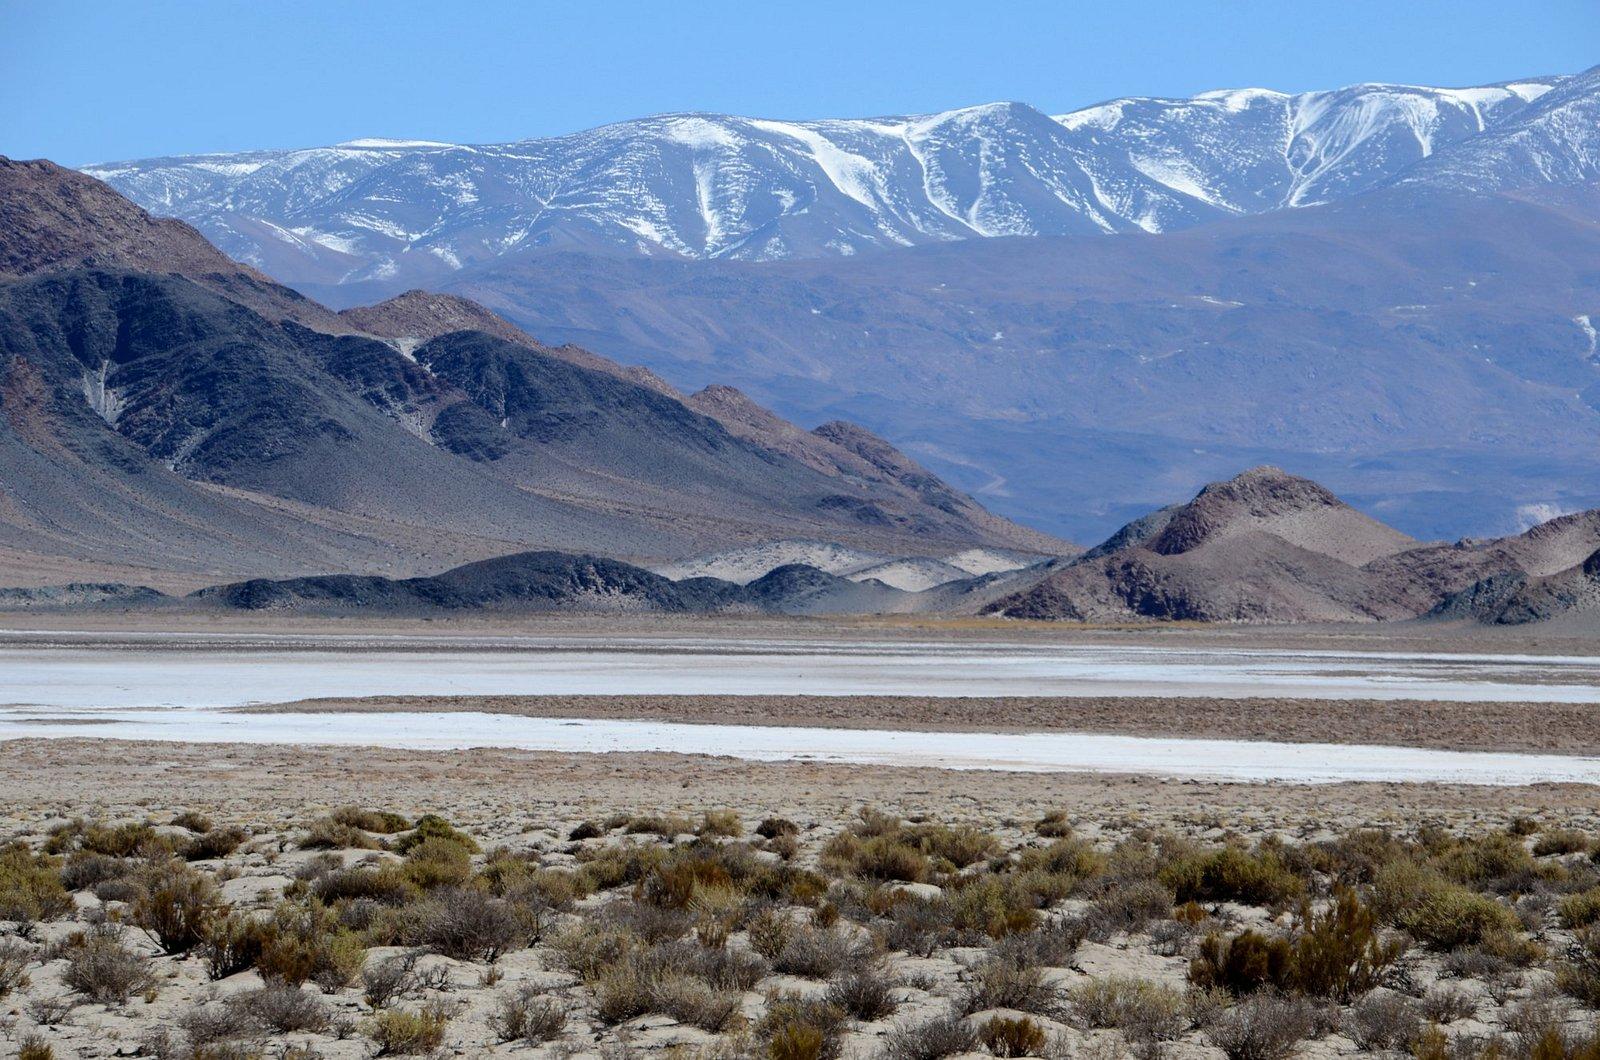 uno de los tantos paisajes de la reserva